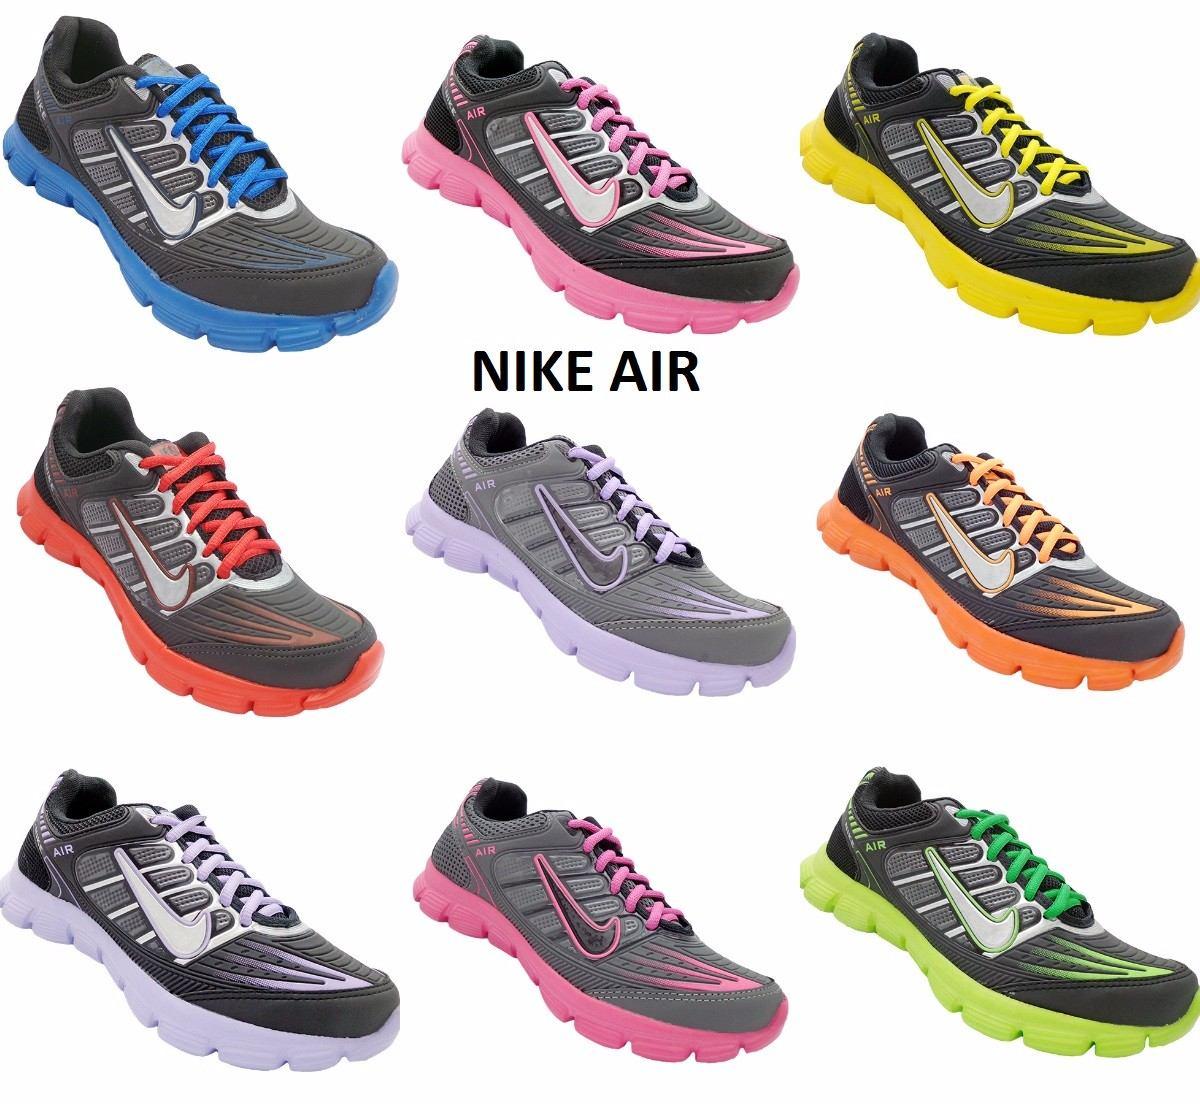 3cde4a54d tênis marcas barato masculino feminino calçados sapatos. Carregando zoom.